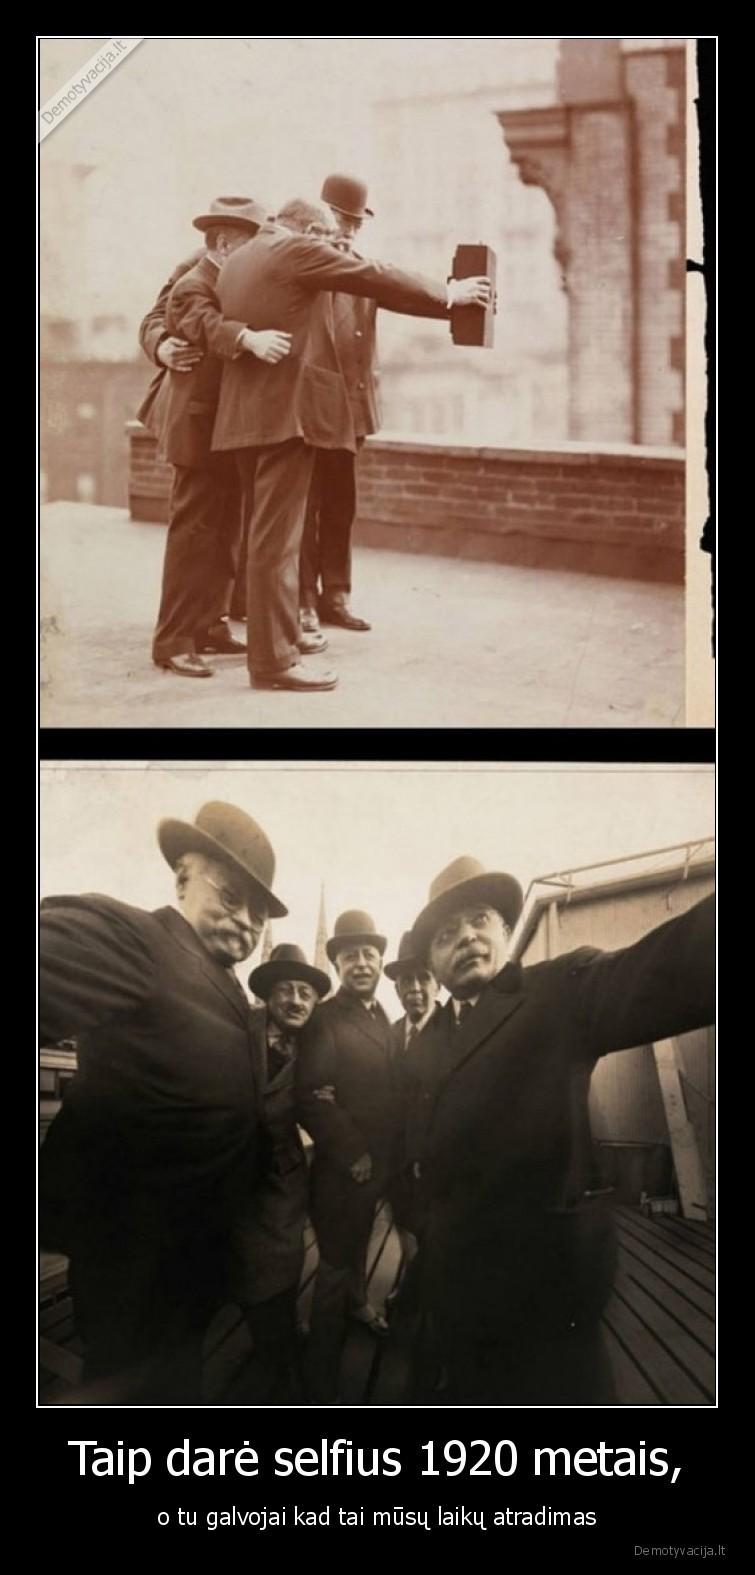 Taip dare selfius 1920 metais o tu galvojai kad tai musu laiku atradimas